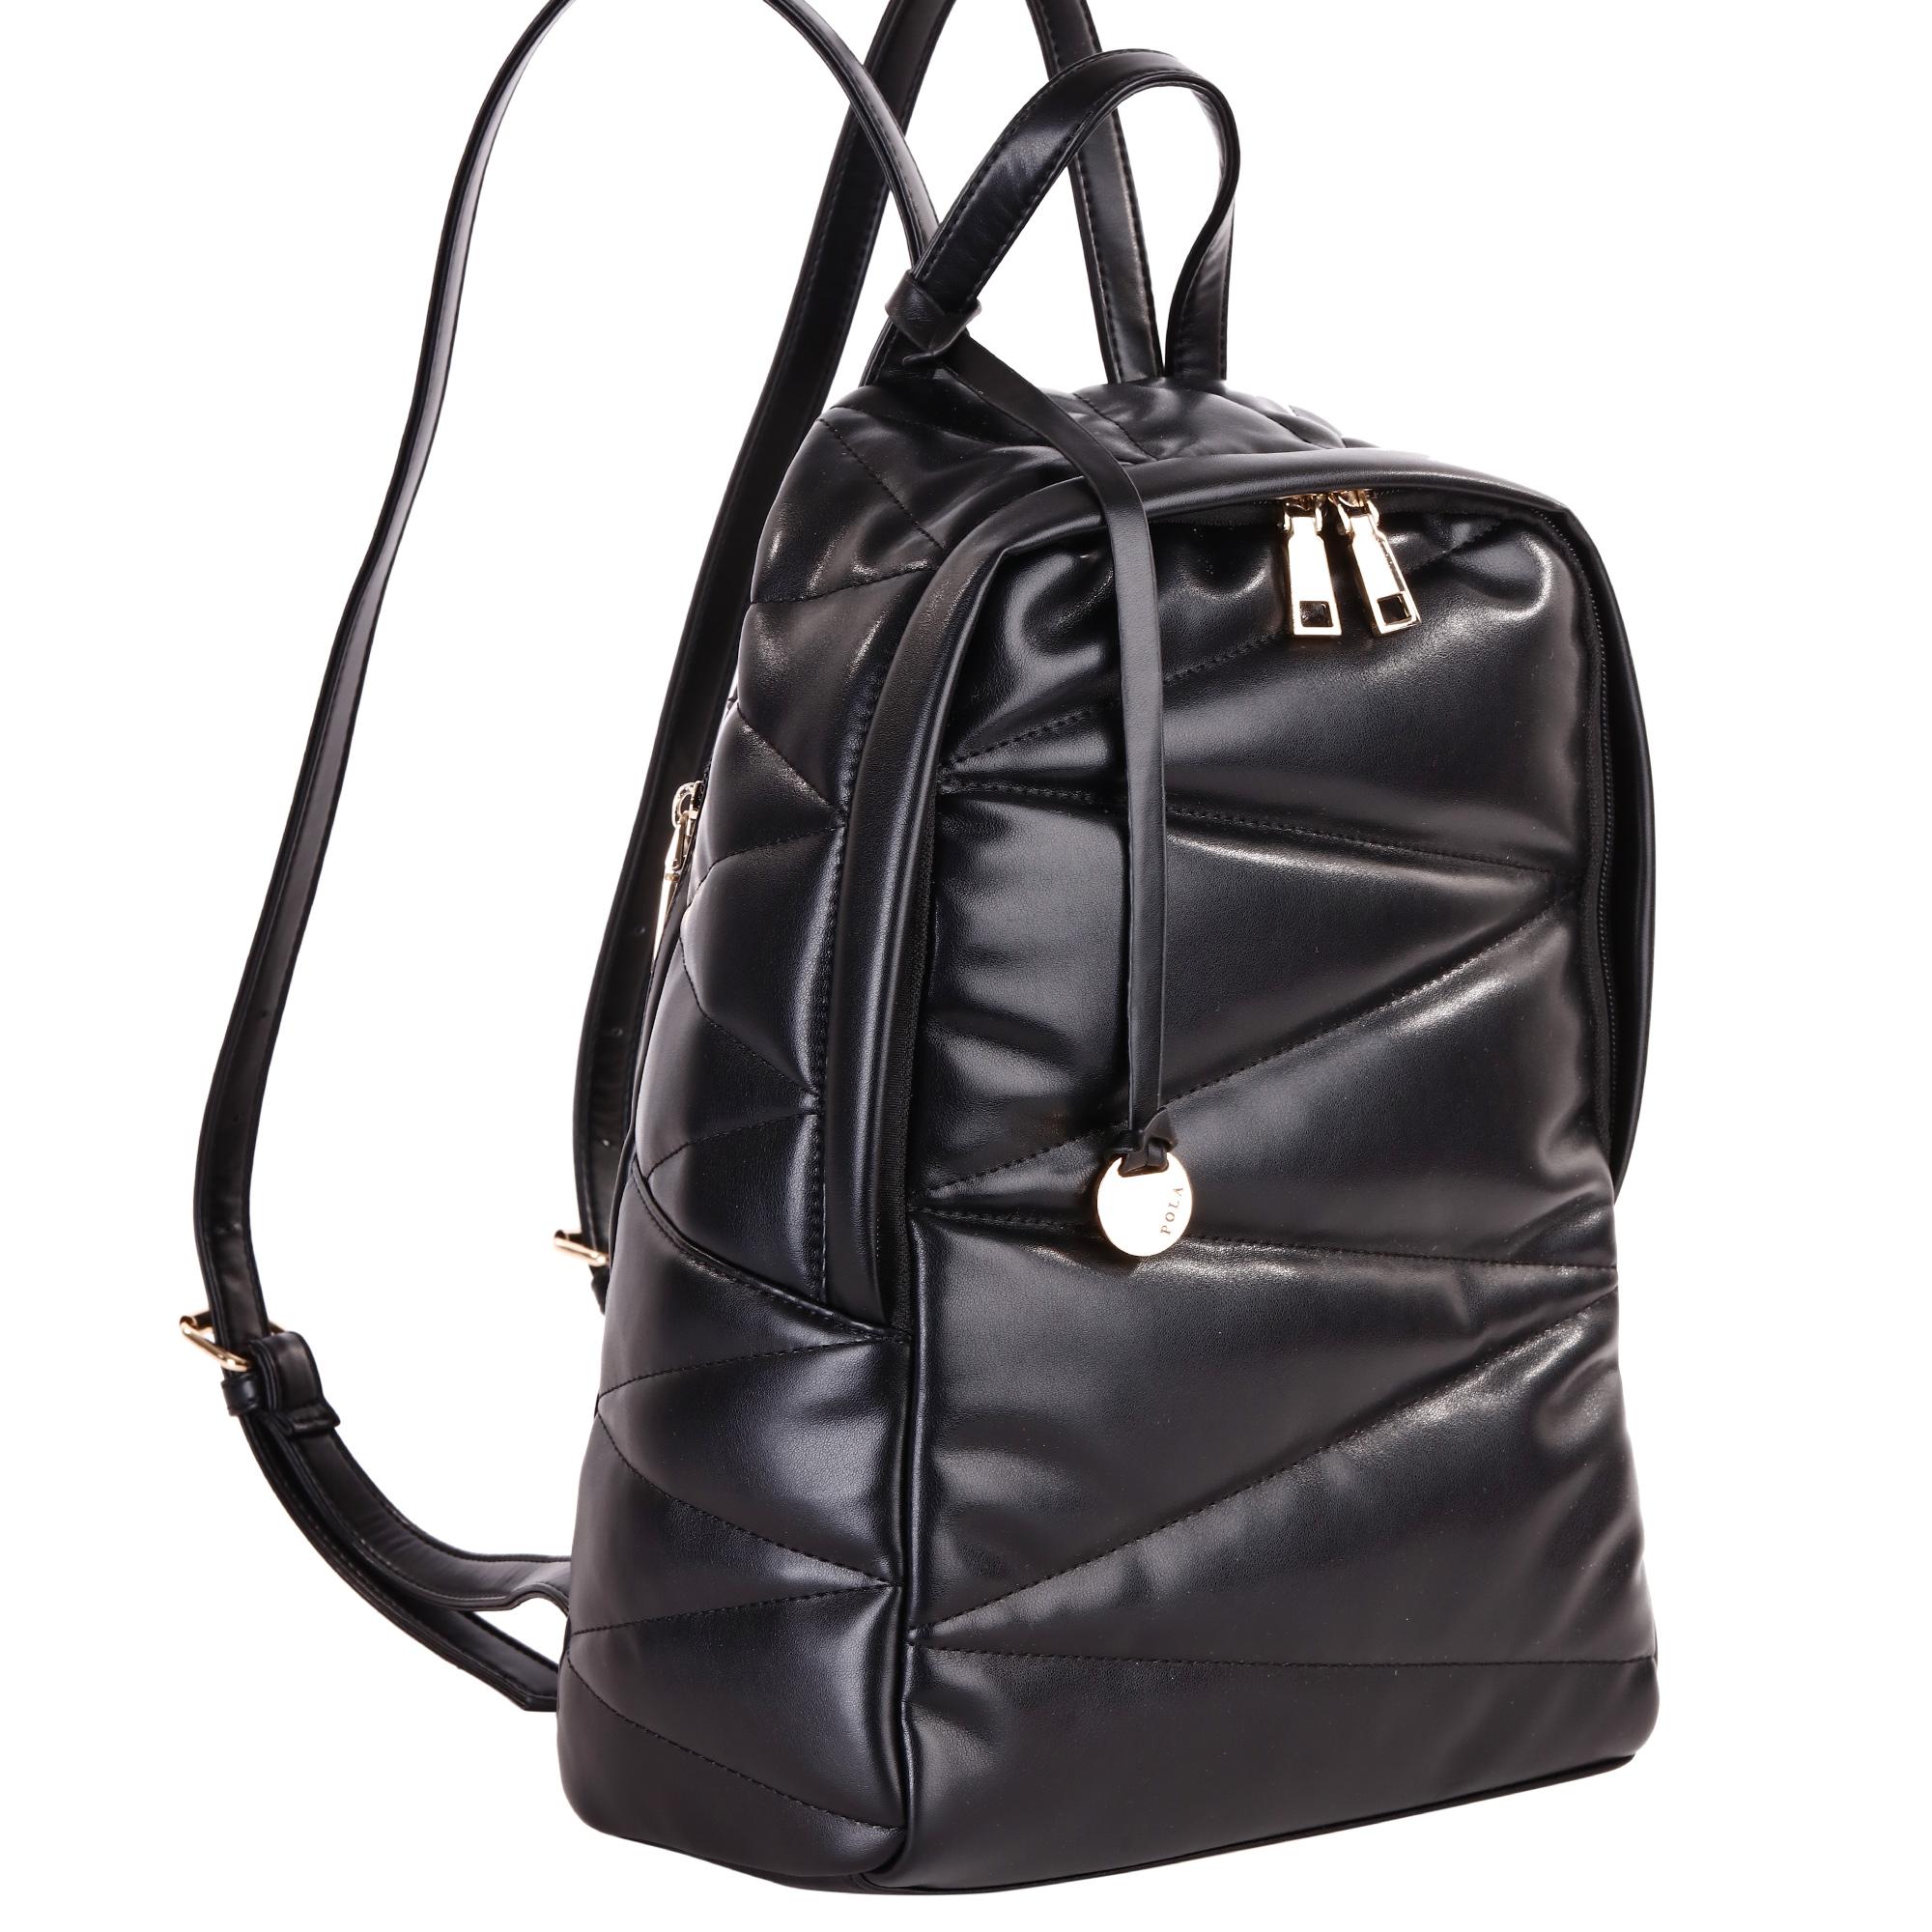 Рюкзак женский Pola, цвет: черный. 4411